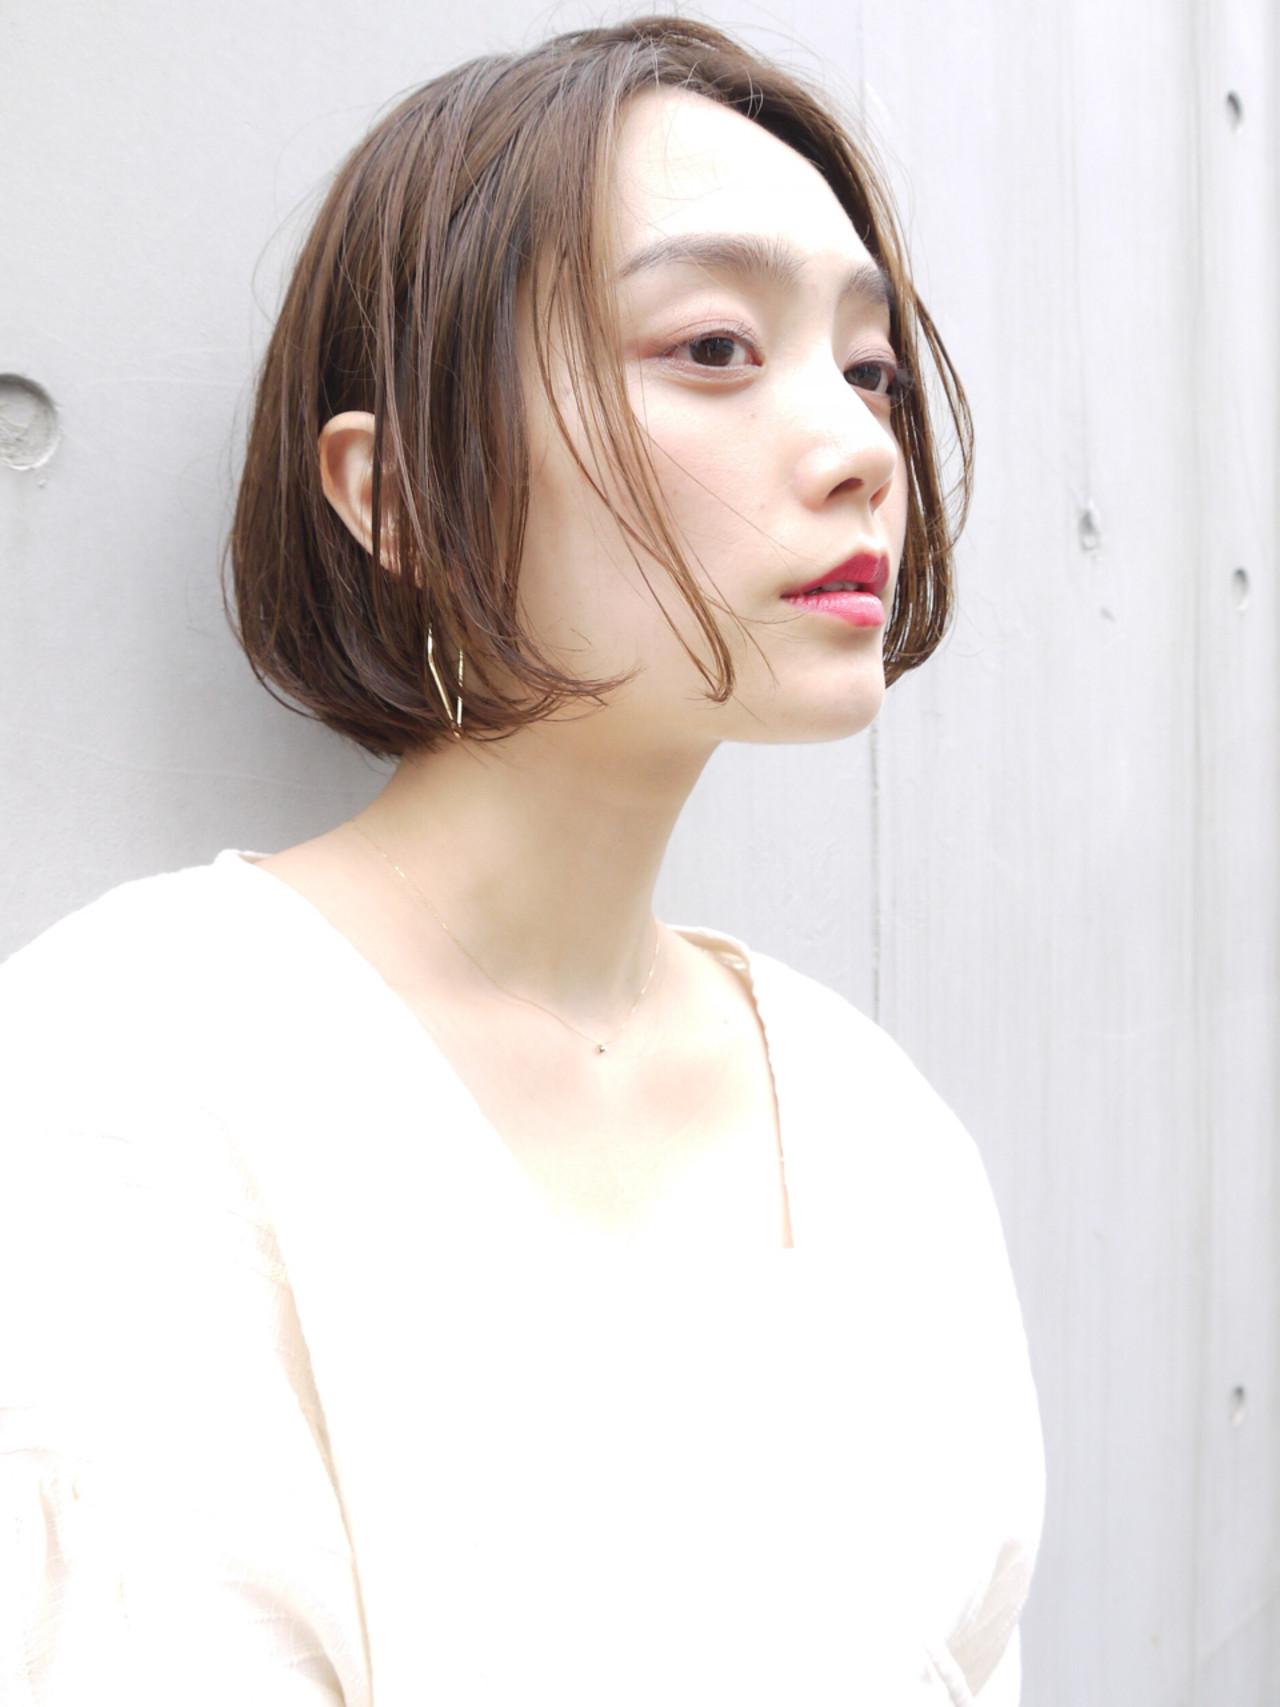 ショートボブ モテ髪 ゆるふわ 愛され ヘアスタイルや髪型の写真・画像 | HIROKI / roijir / roijir